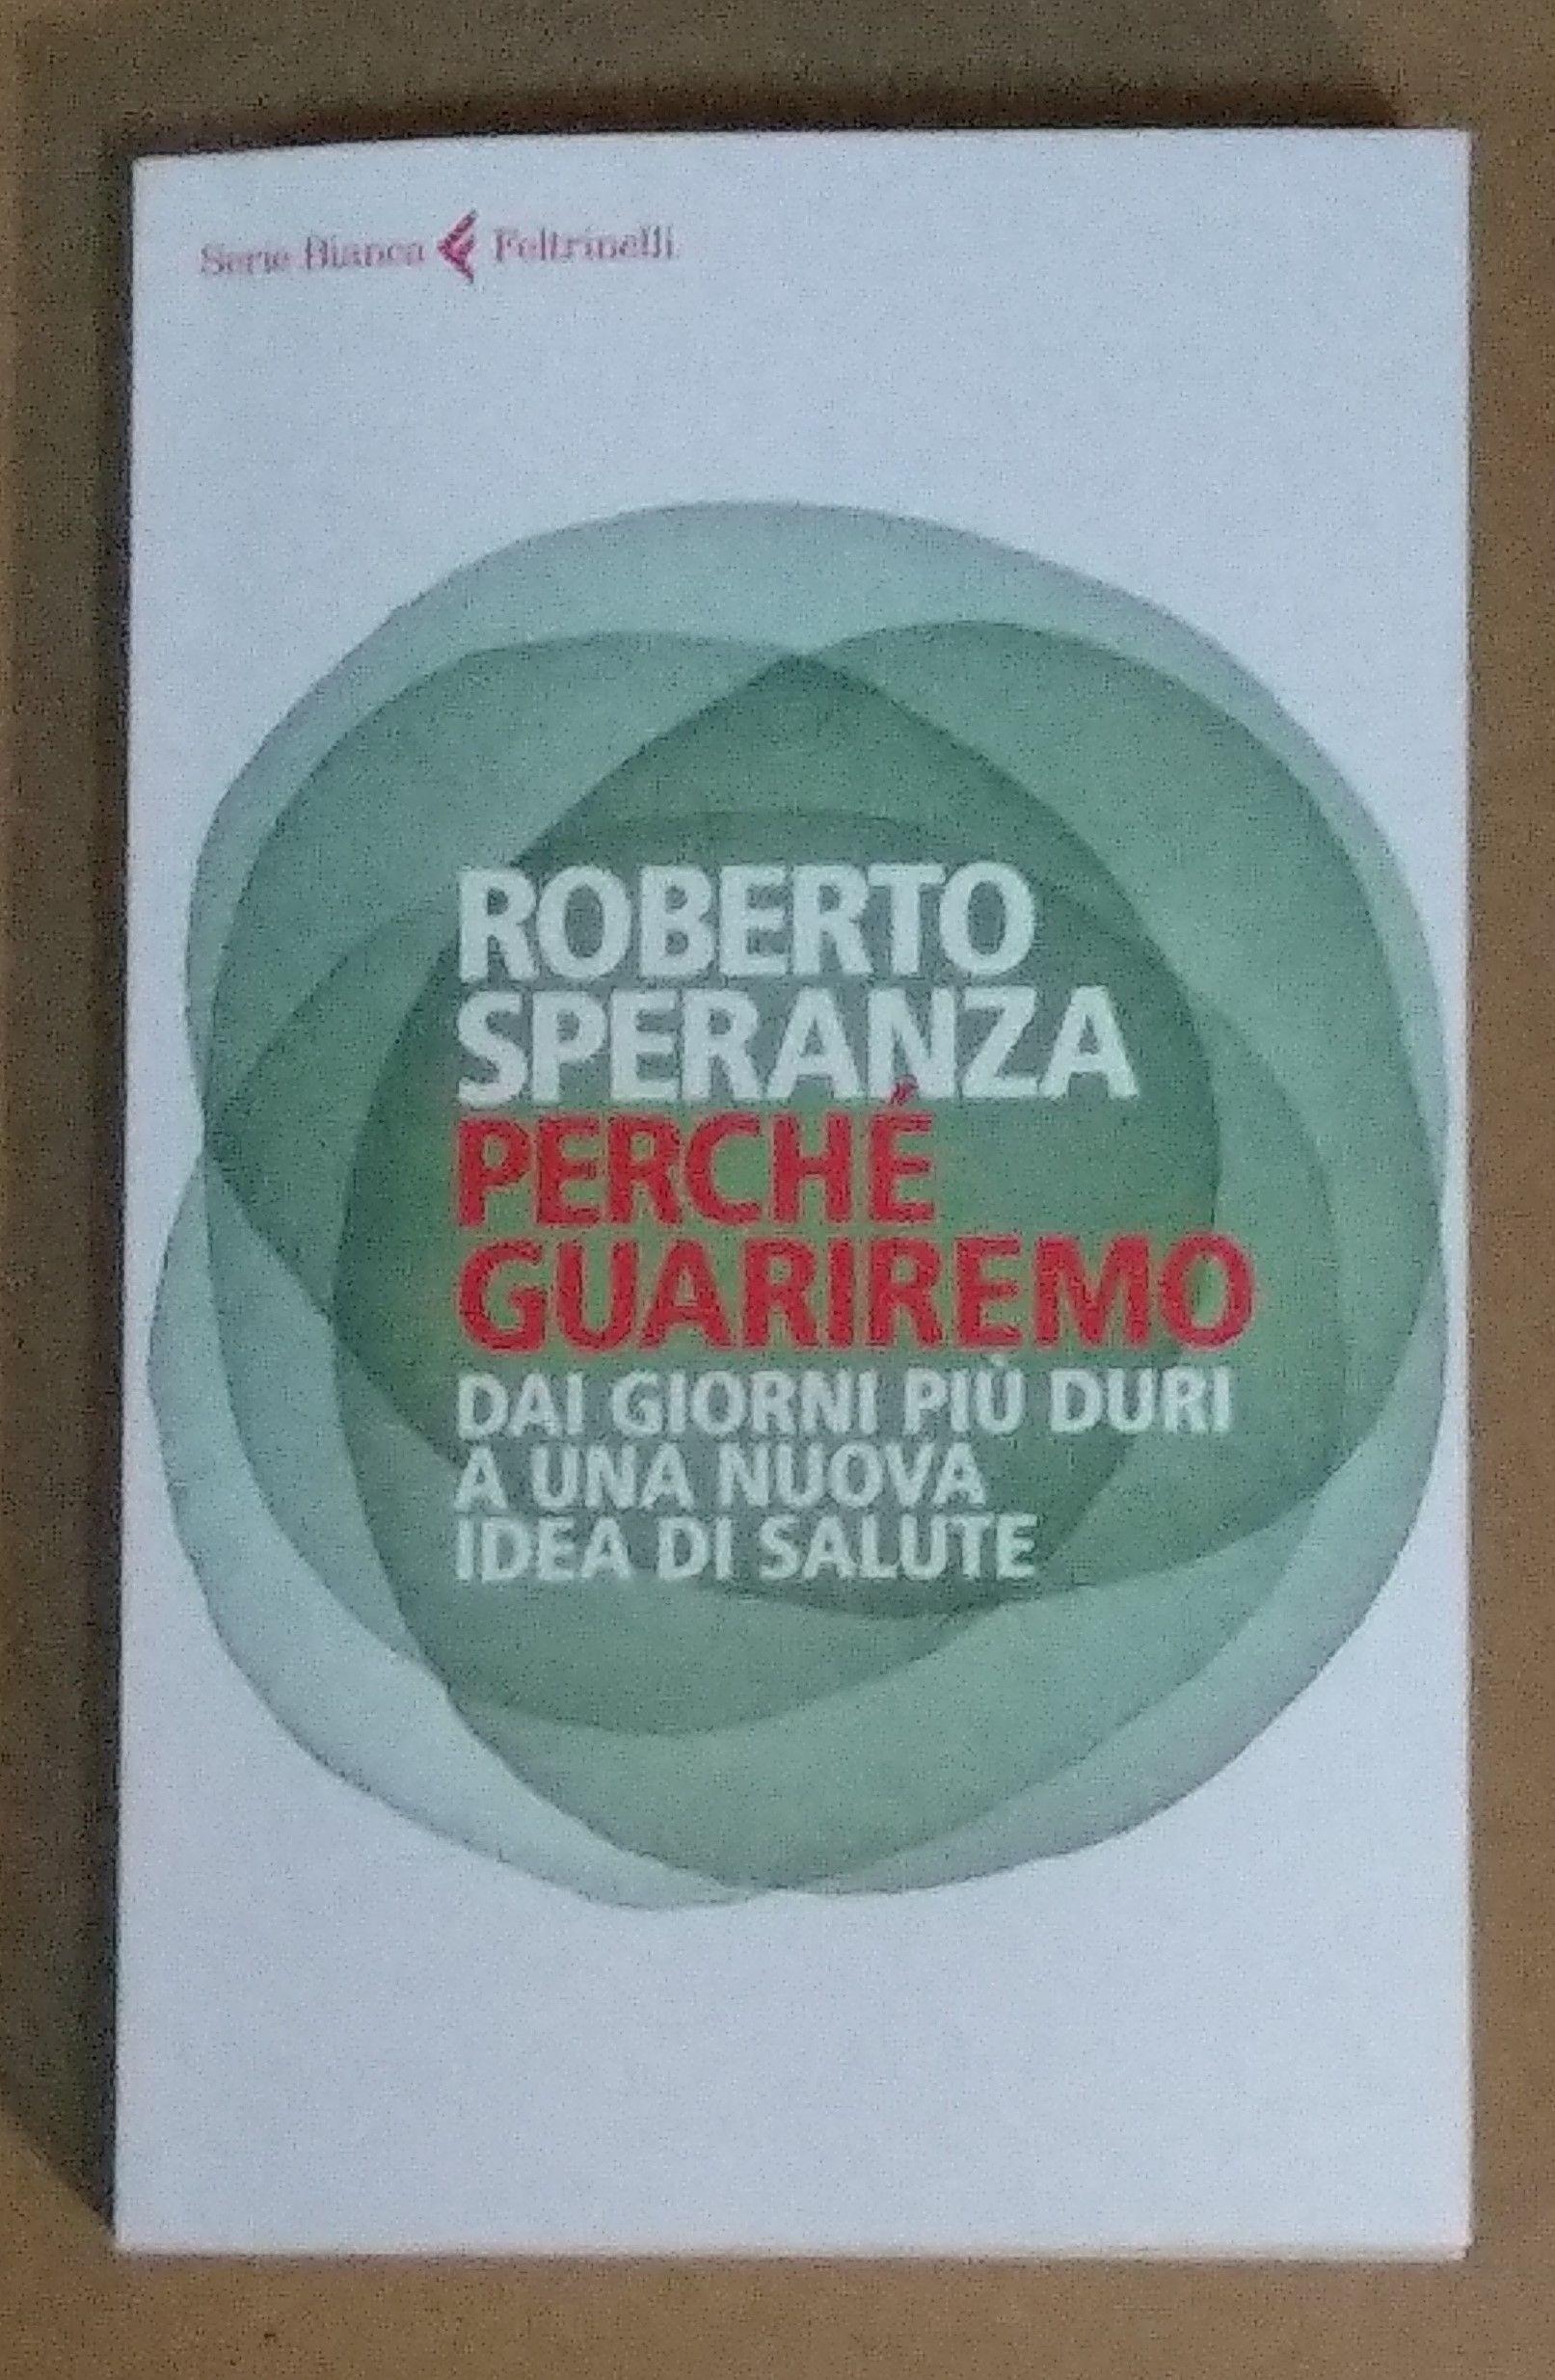 """Una copia di """"Perché guariremo"""" di Roberto Speranza su Comprovendolibri – a 40 € – il libro al centro delle polemiche"""